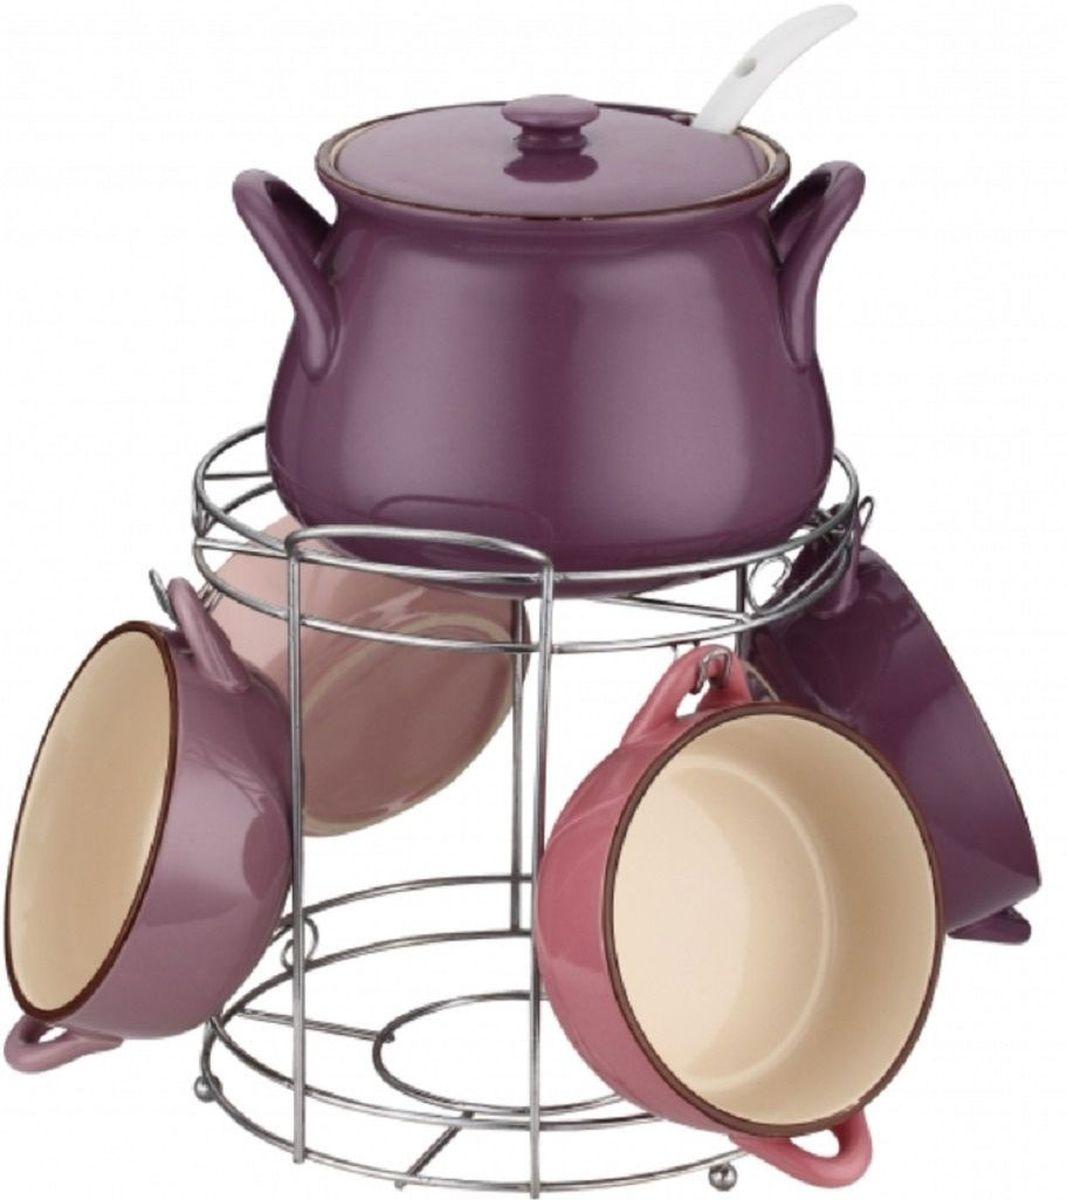 Набор супниц Elff Decor, на подставке, 8 предметов115510Набор супниц из 8 предметов Изготовлен из цветной керамики Состоит из:-супница с крышкой 1шт-объем 1500 мл-супницы 4 шт,обьем 400мл-суповая ложка-подставка из нержавеющей стали